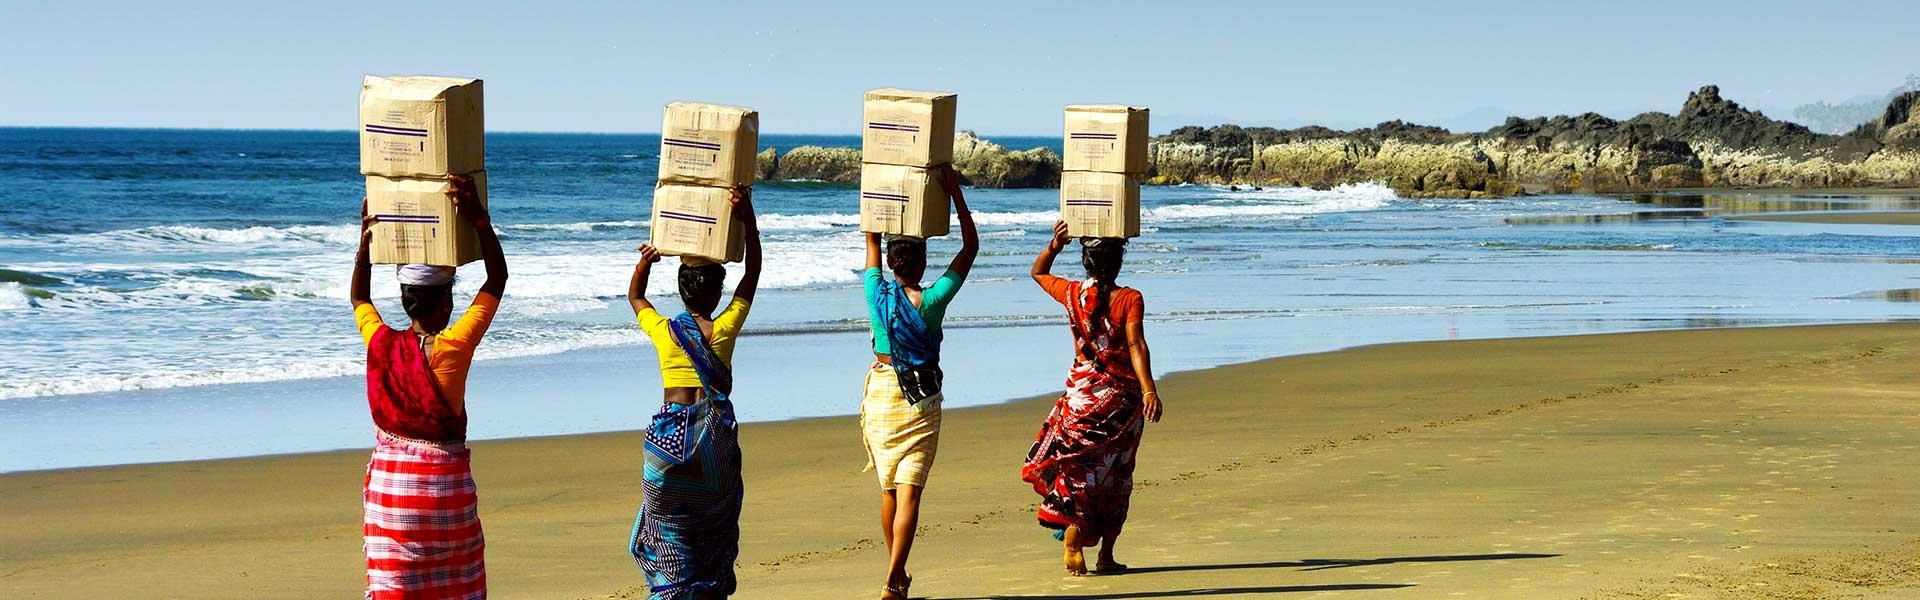 Indiens transportant des boîtes